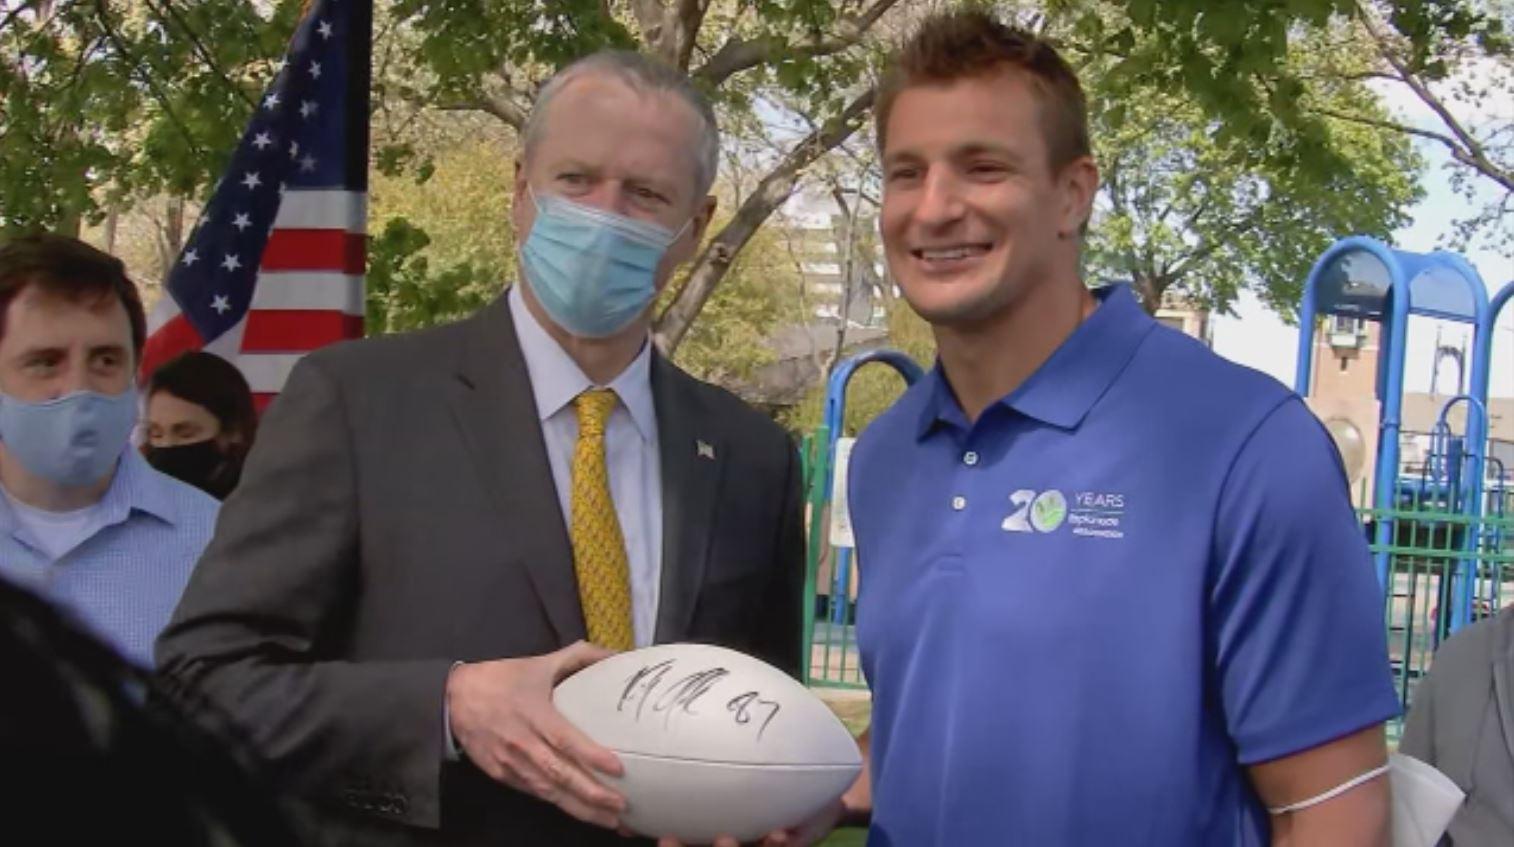 Rob Gronkowski donates $1.2 million to renovate Boston's Charlesbank Playground